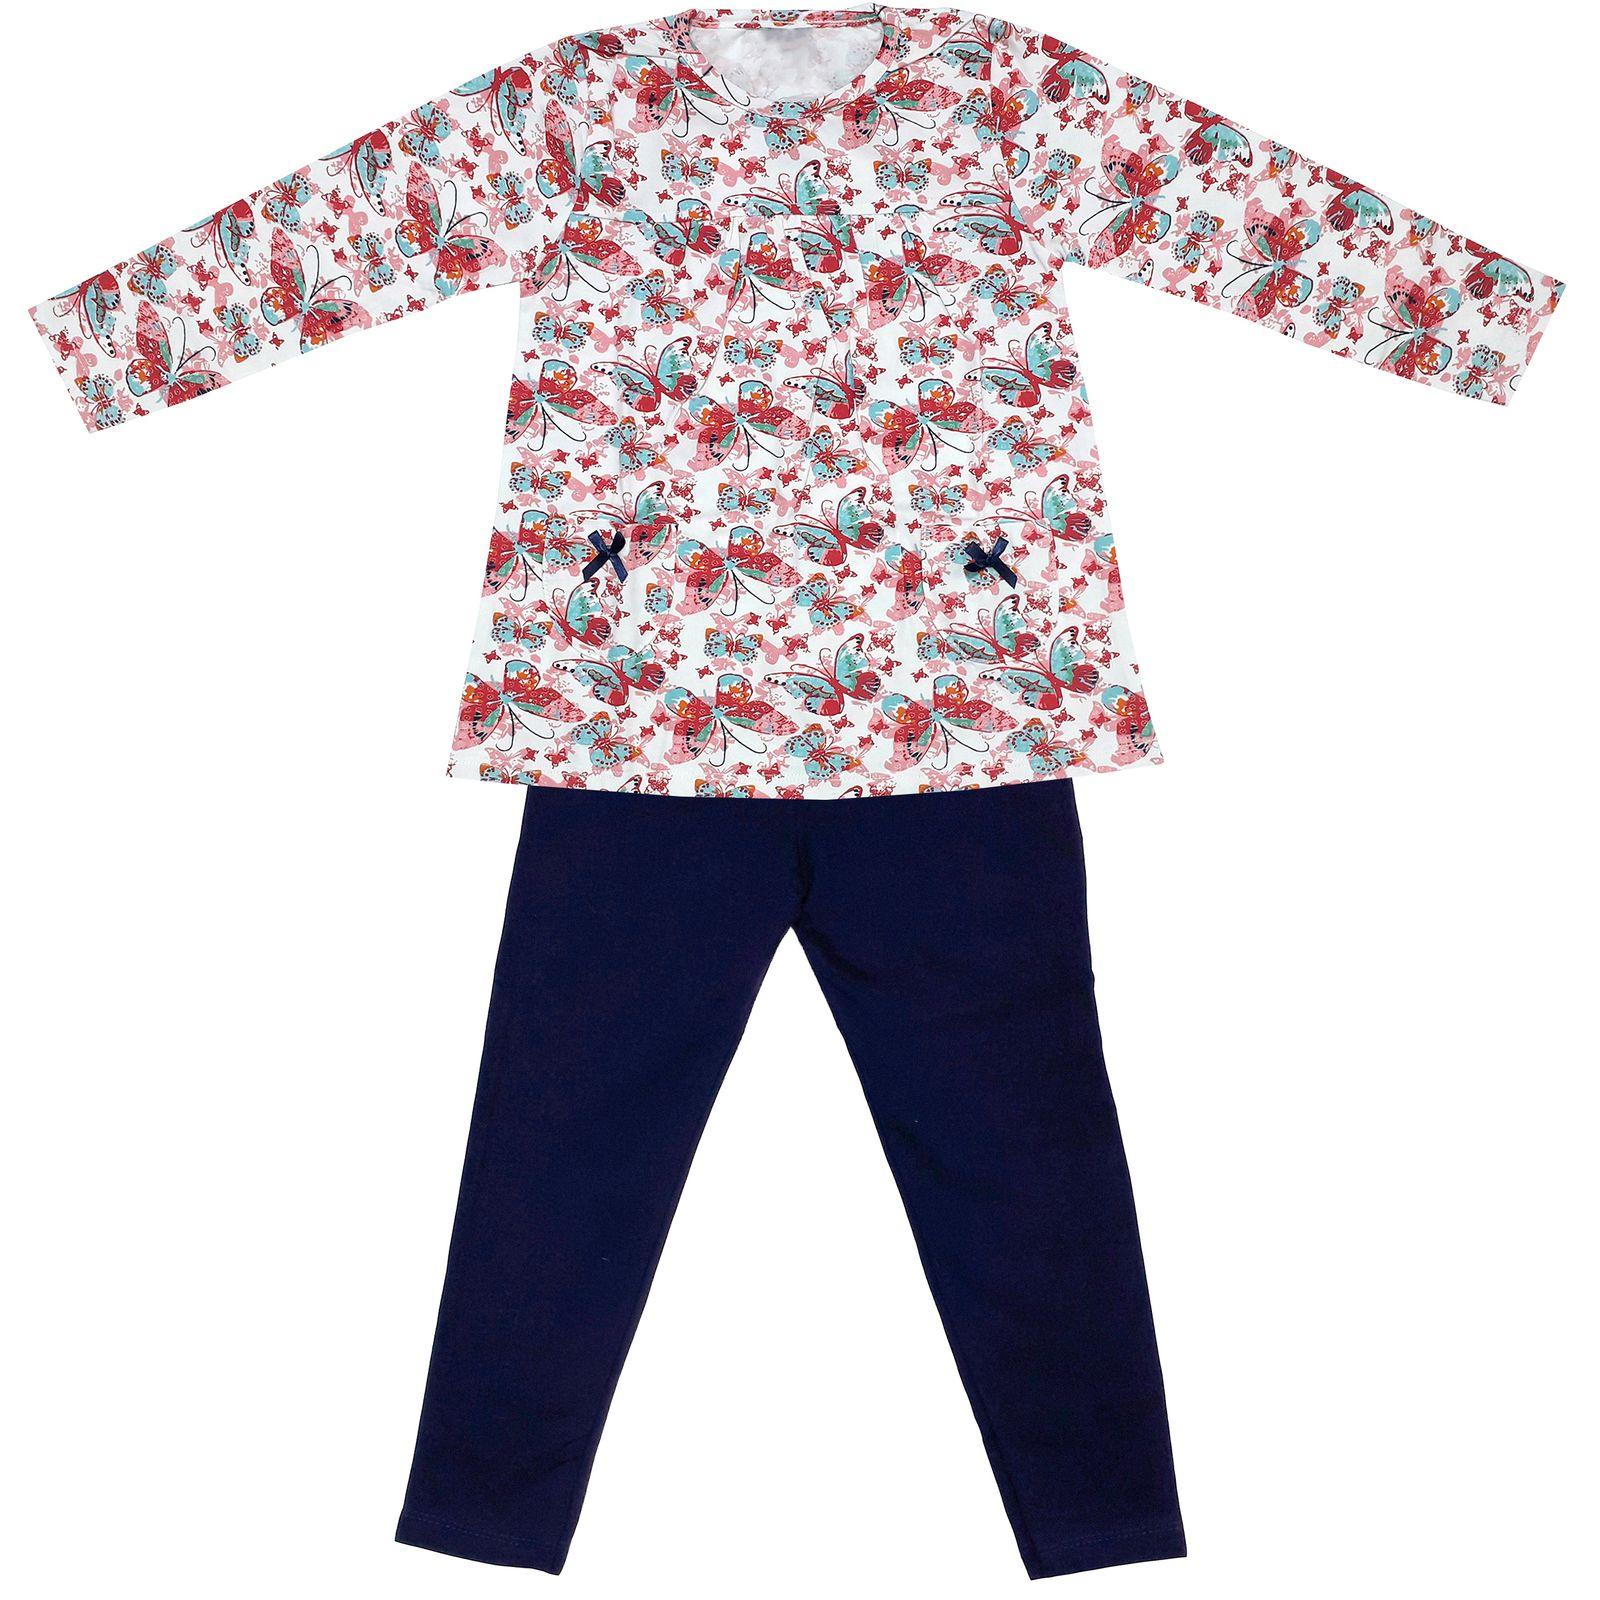 ست تی شرت و شلوار دخترانه طرح پروانه کد 3072 رنگ سفید -  - 2